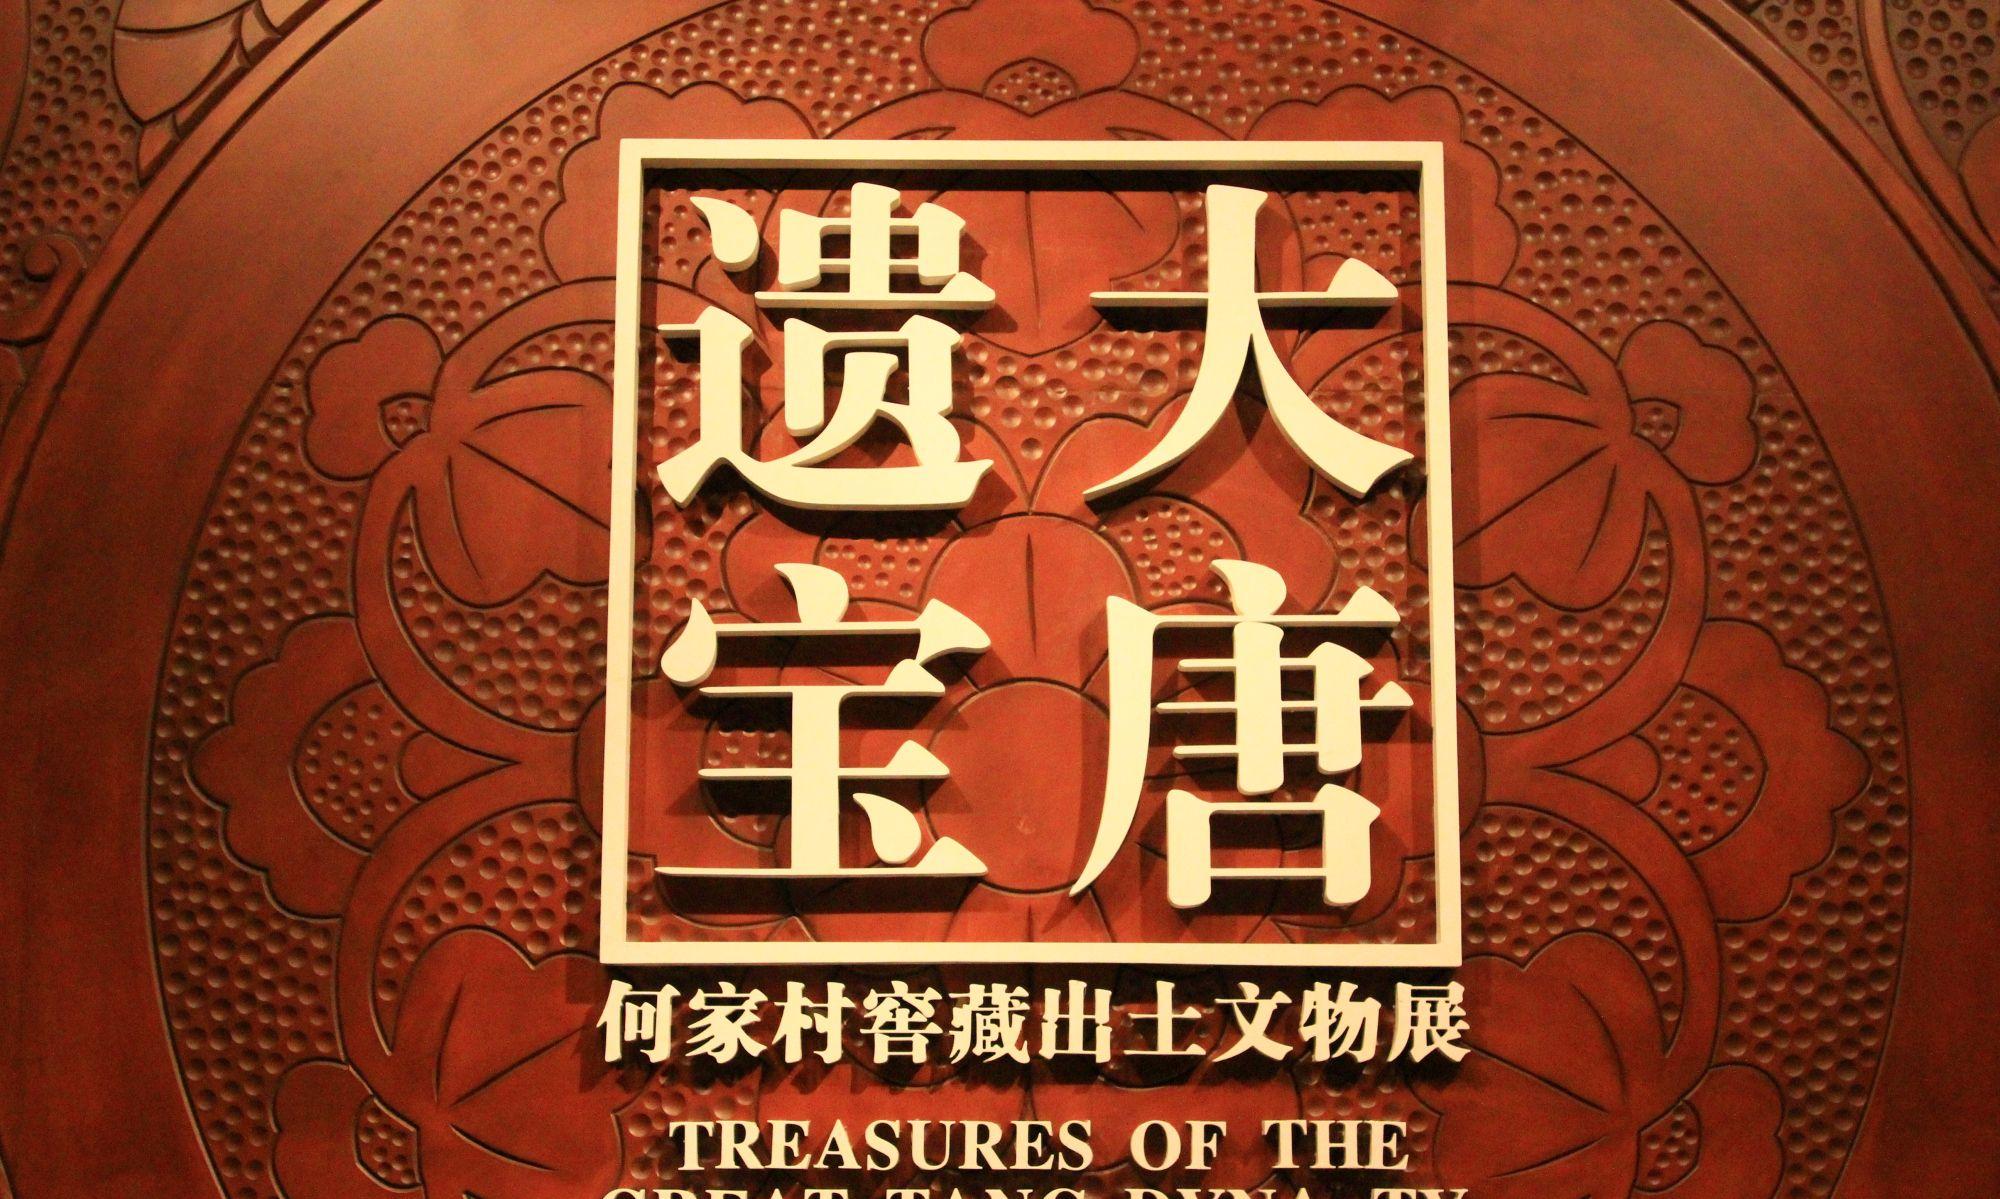 带娃逛陕西历史博物馆,看价值半个香港的国宝,领略盛唐风情